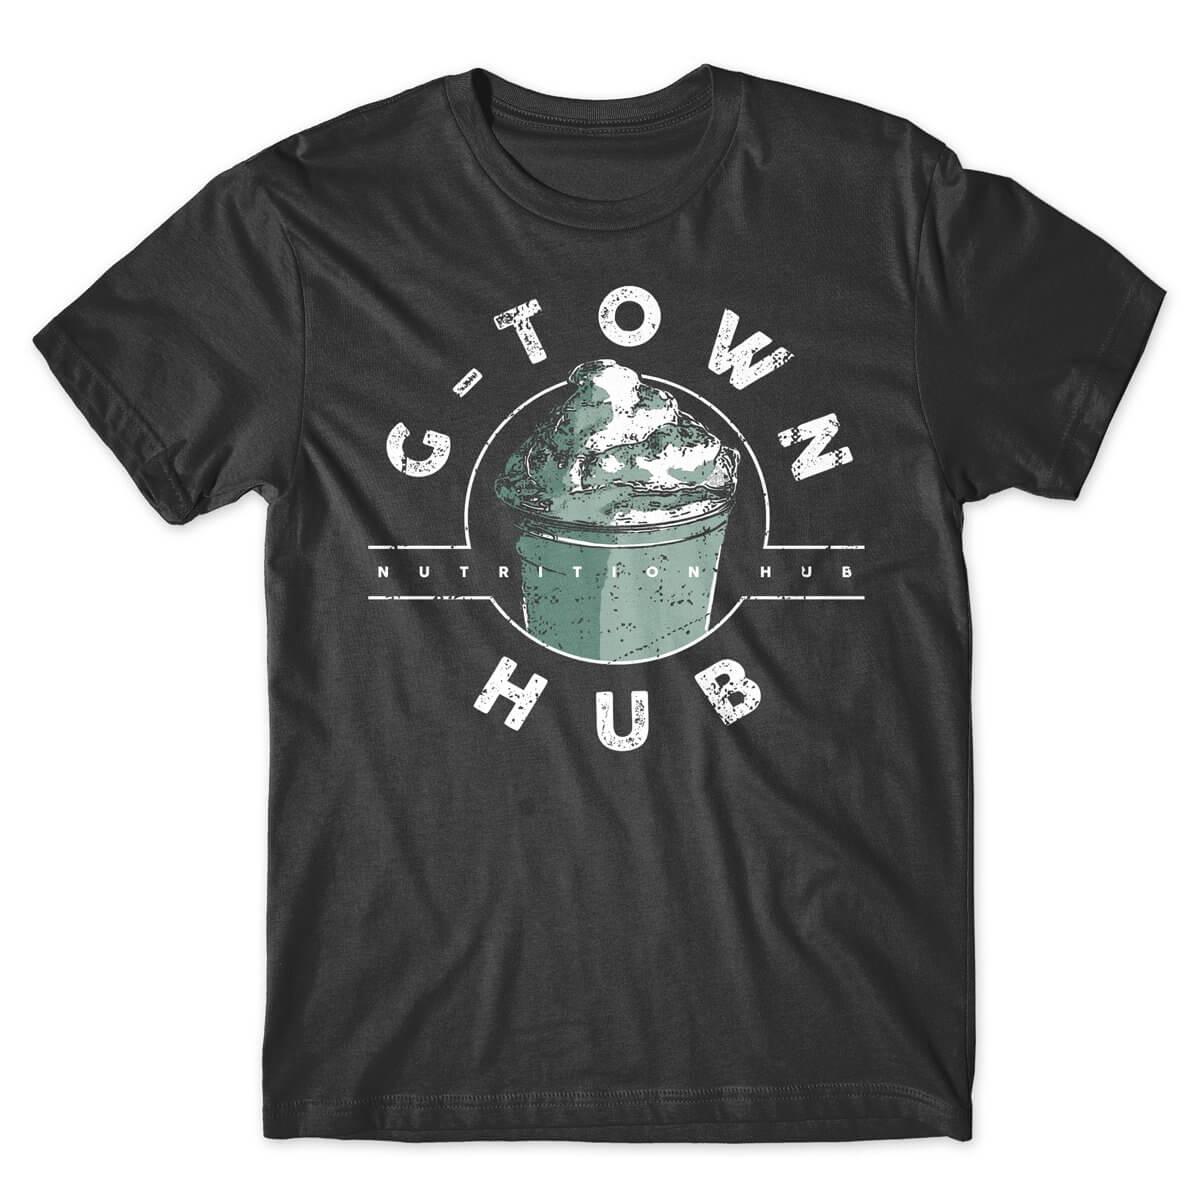 G-Town Hub Nutrition tshirt charcoal